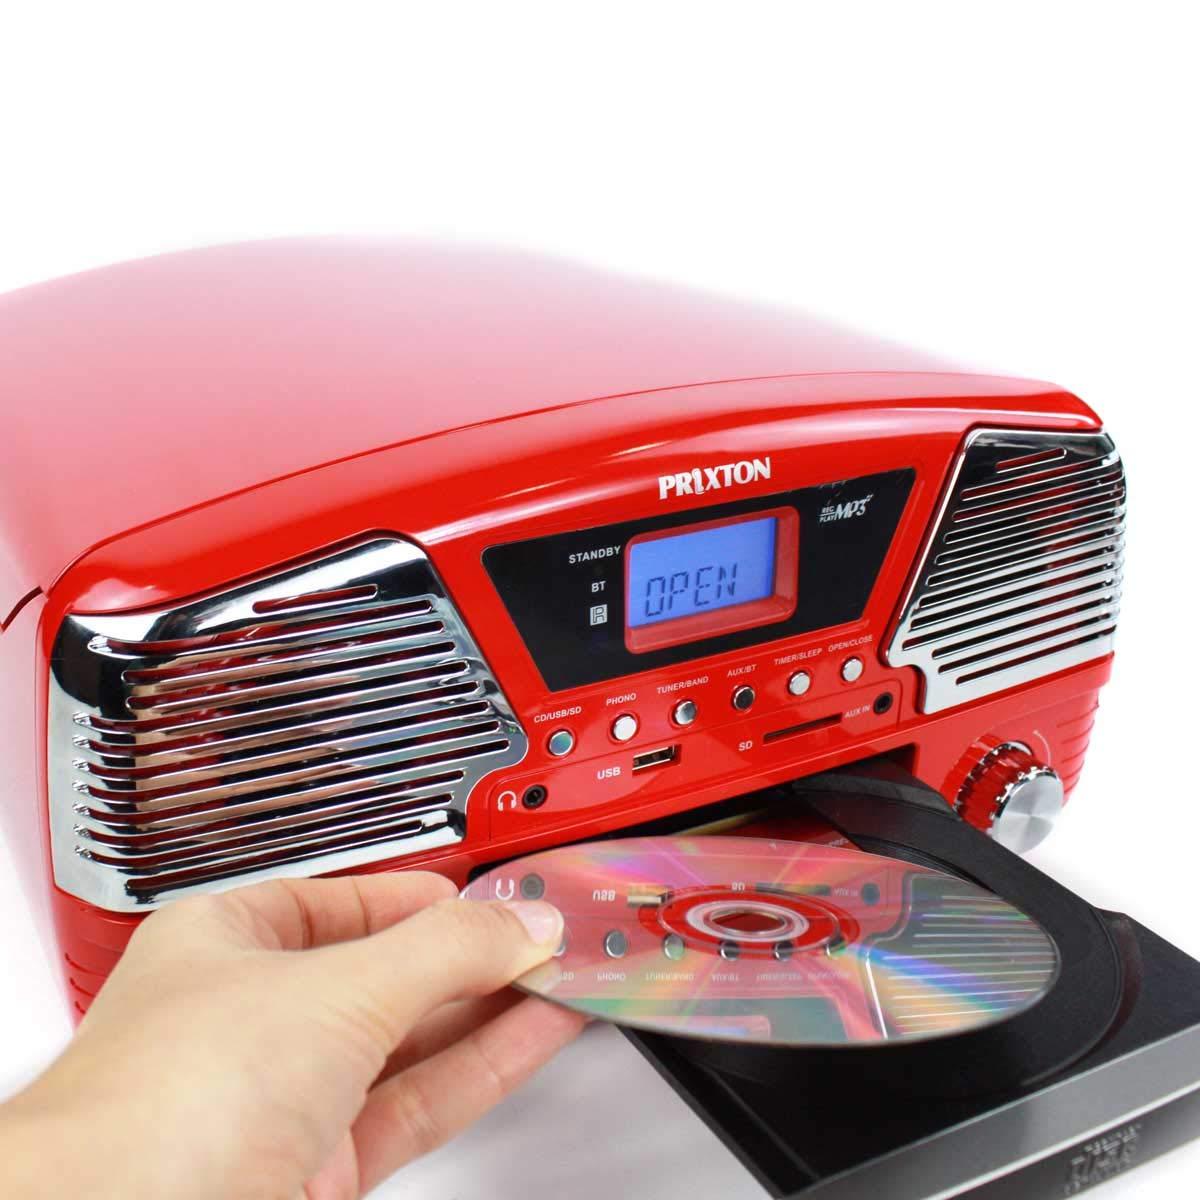 PRIXTON - Tocadiscos de Vinilo Vintage con Altavoces y Bluetooth Integrados / Reproductor de Discos de Vinilo, CDs y mp3 y Convertidor a mp3 / ...